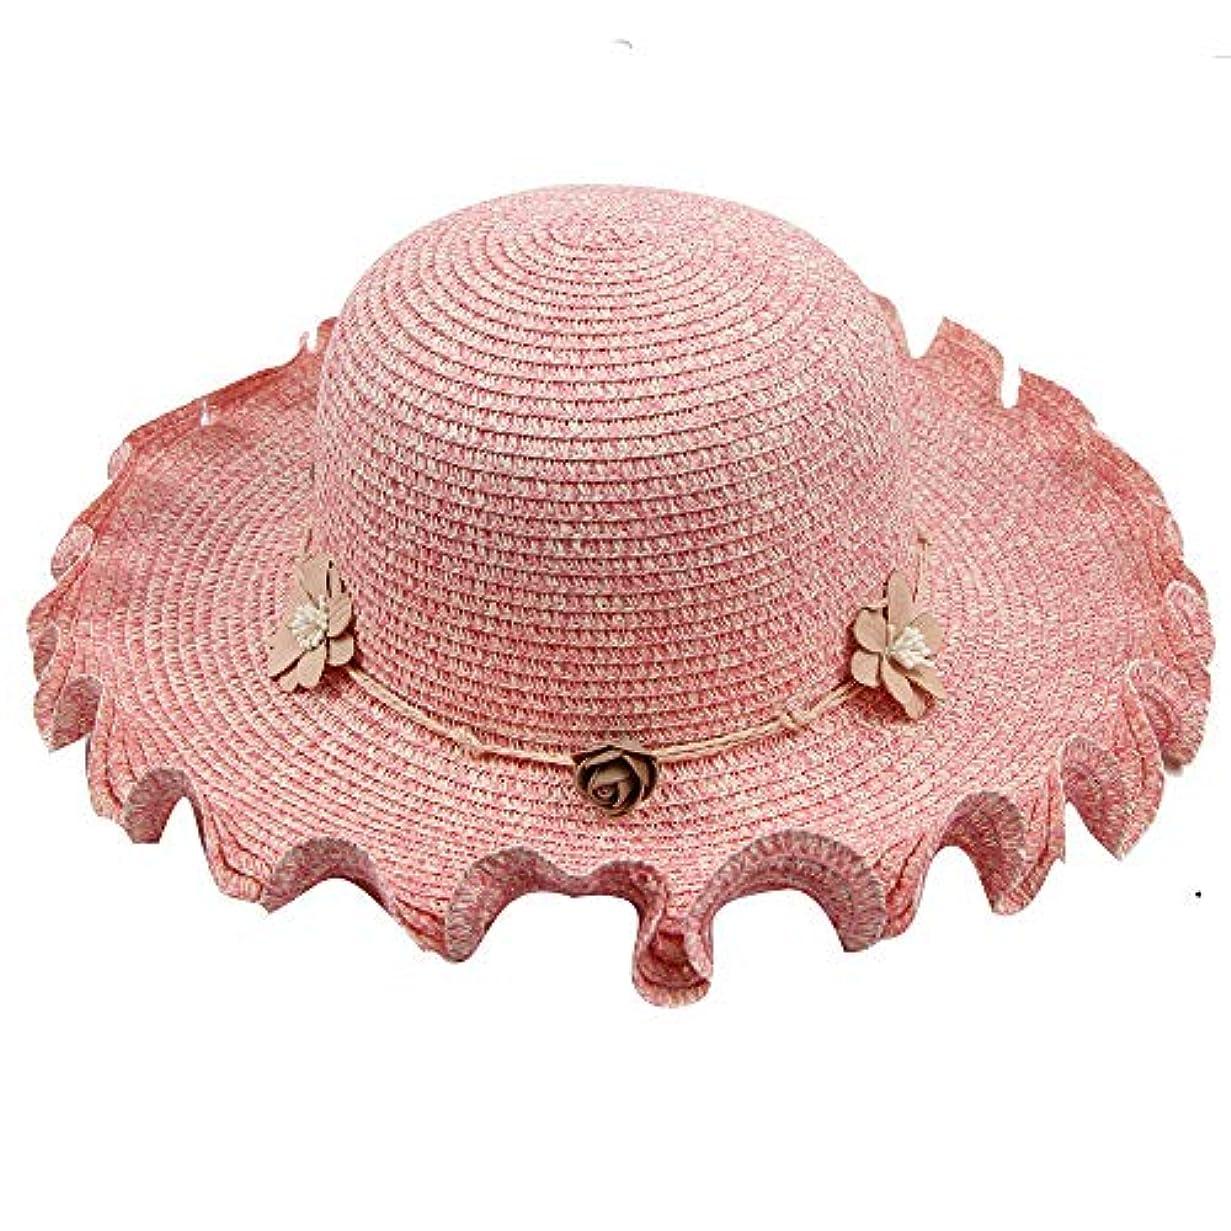 トラック硬化するおとなしい帽子 ROSE ROMAN ハット レディース 帽子 サイズ調整 テープ 夏 ビーチ 必須 UVカット 帽子 日焼け防止 紫外線対策 ニット帽 ビーチ レディース ハンチング帽 発送 春夏 ベレー帽 帽子 レディース ブリーズフレンチハット